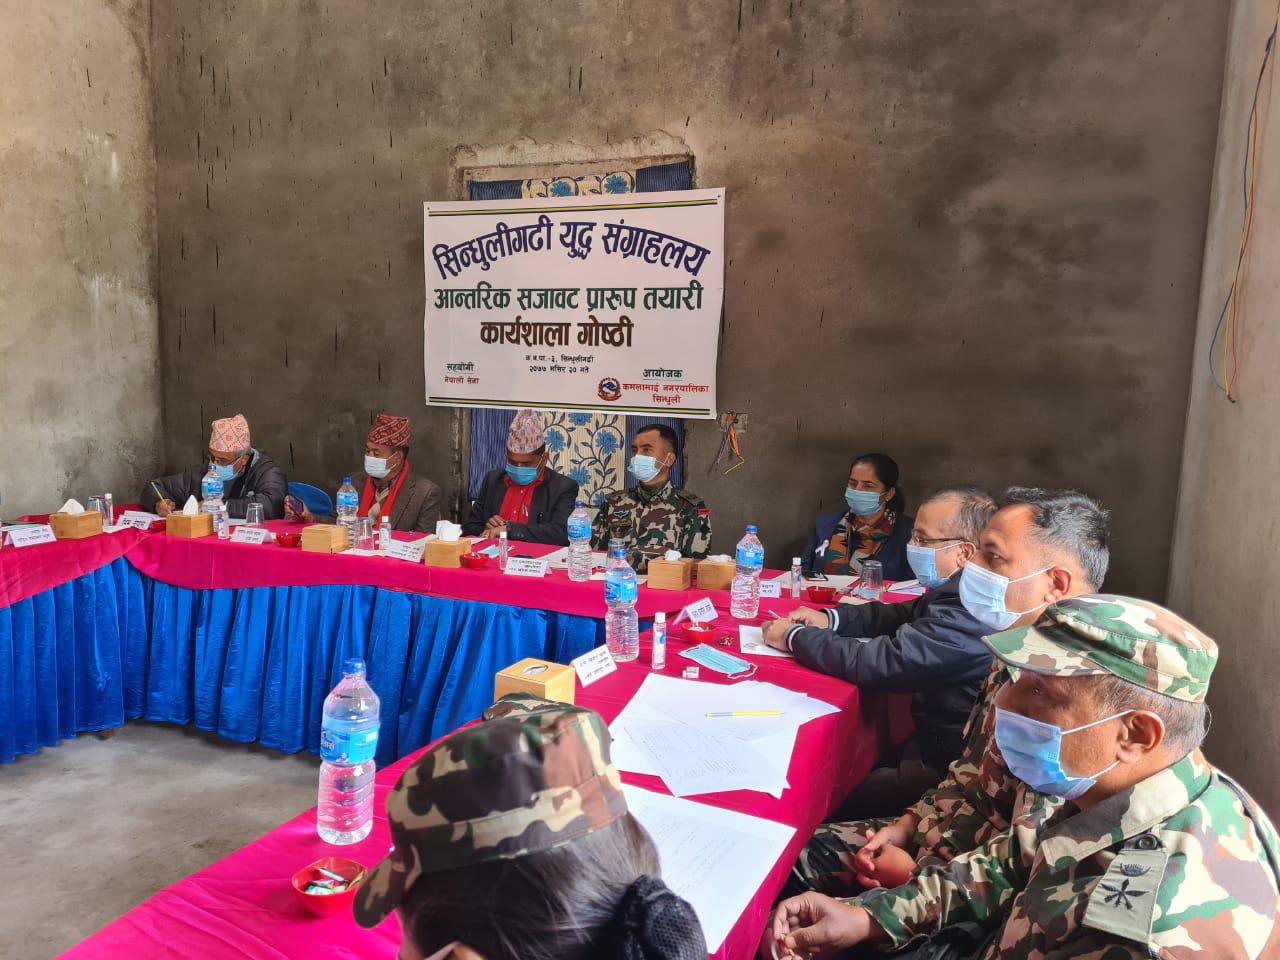 'सिन्धुलीगढी युद्ध संग्रहालय'को आन्तरिक सजावट सम्बन्धी गोष्ठी सम्पन्न